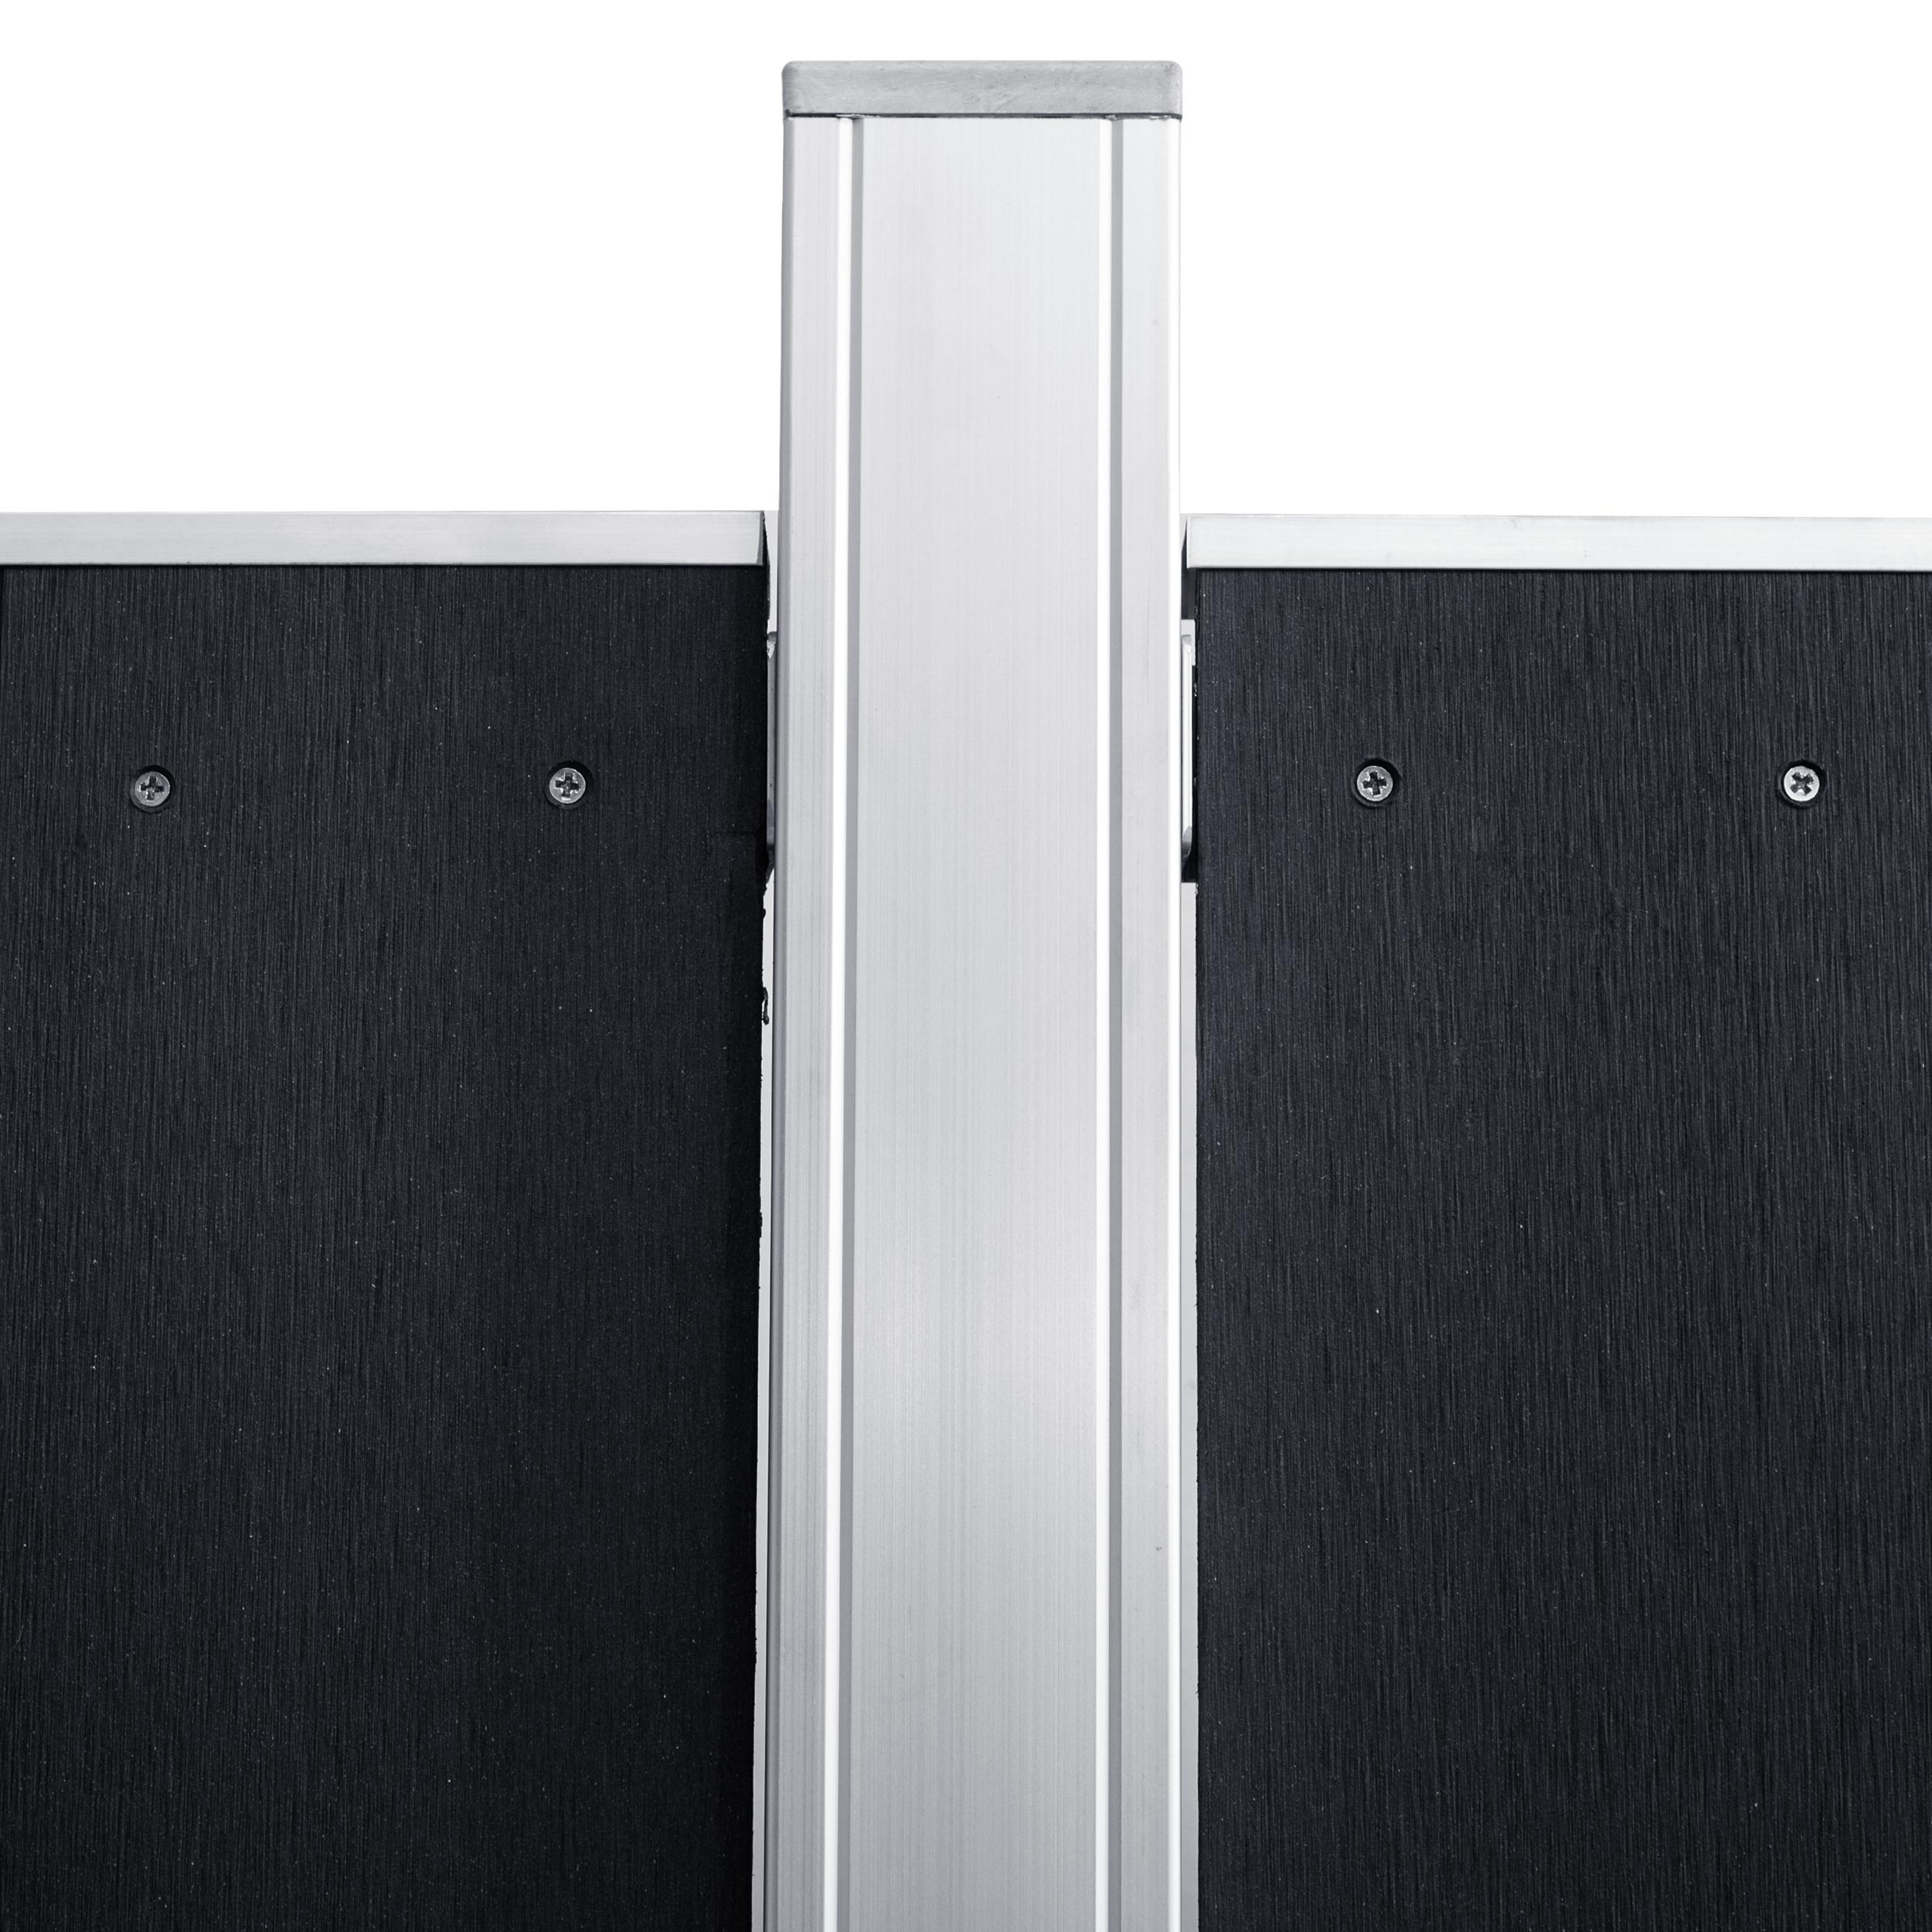 tomi wpc silver line sichtschutzzaun lamellenzaun zaun mit wpc t r tor zauntor ebay. Black Bedroom Furniture Sets. Home Design Ideas